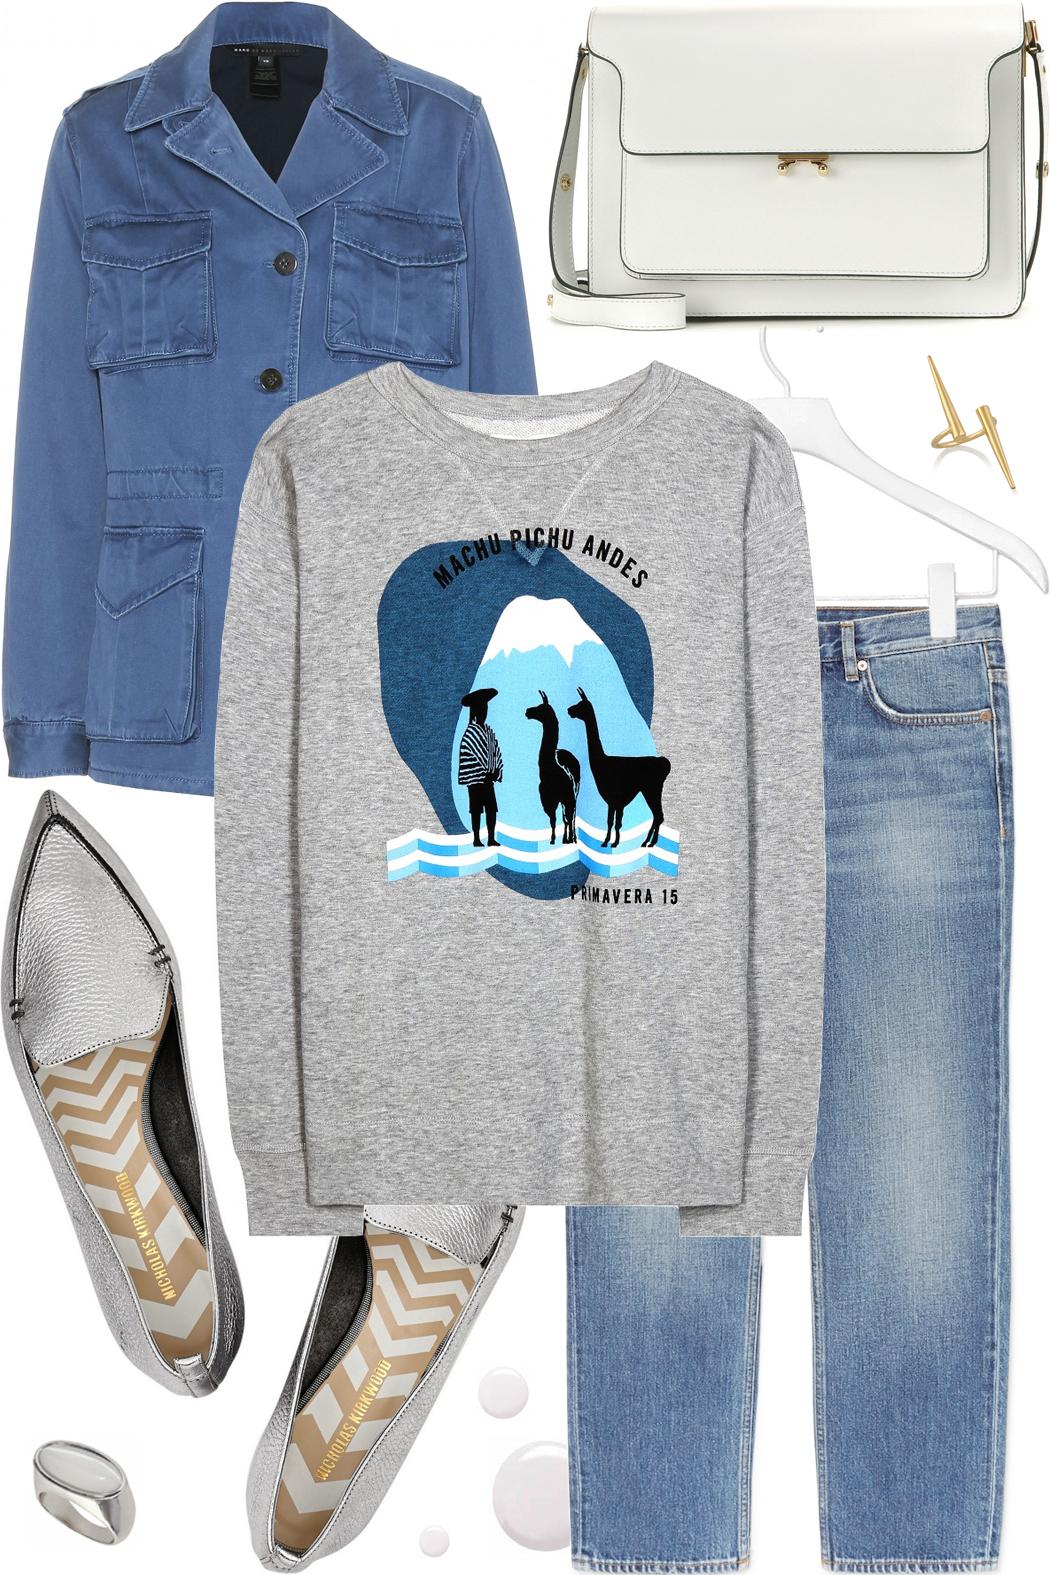 Sweatshirt look fash-n-chips.com